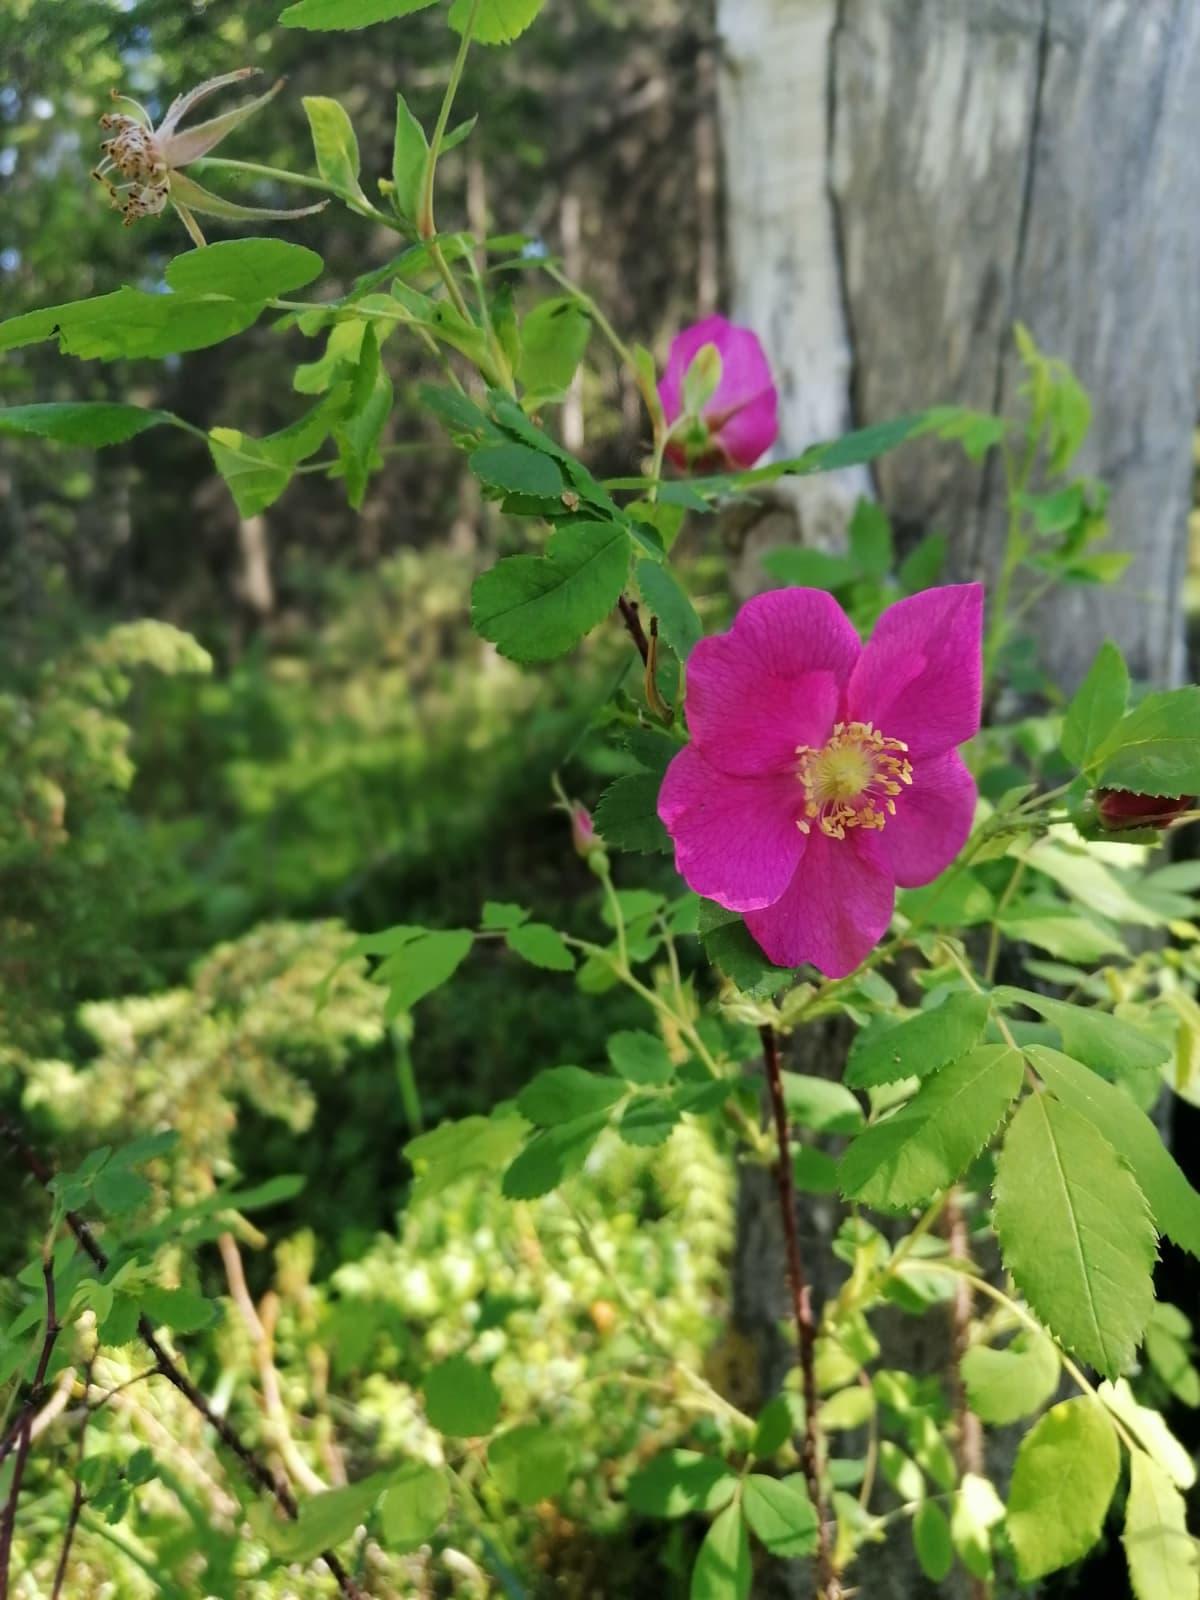 Karjalanruusun herkkä vaaleanpunainen kukka.